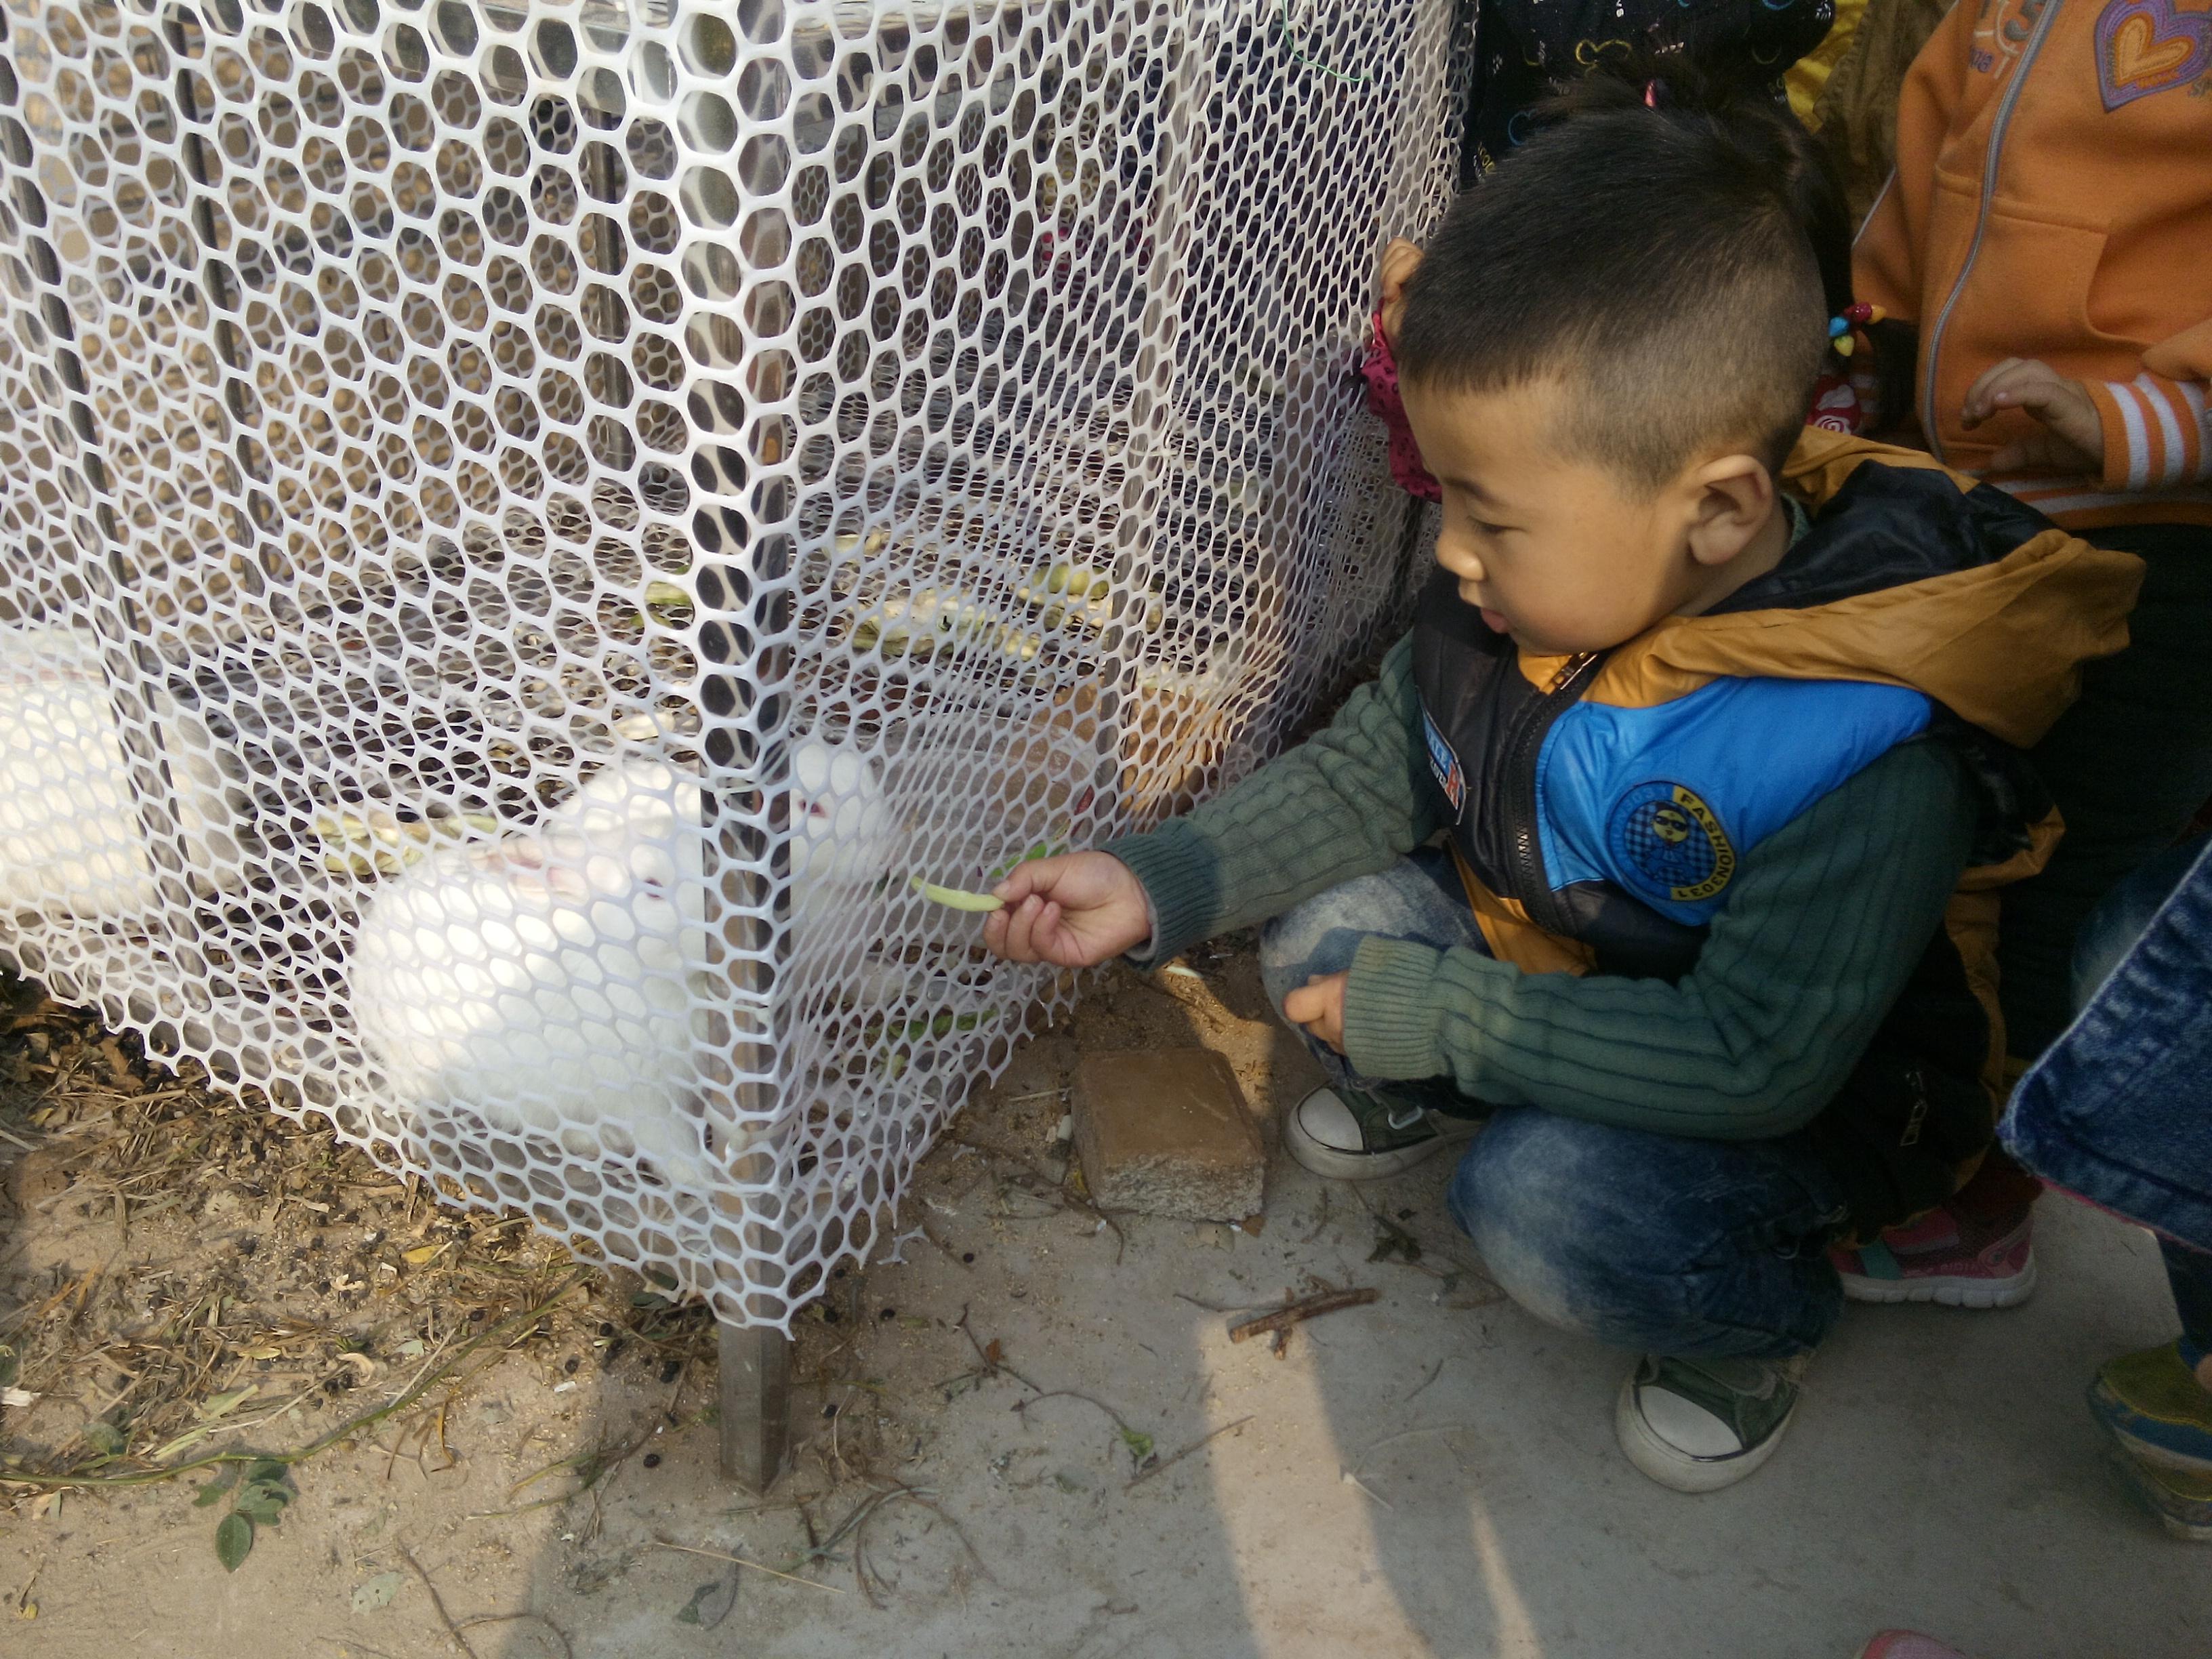 1,让幼儿了解 小动物喜欢吃的食物,并知道不能 随便喂小动物食物.